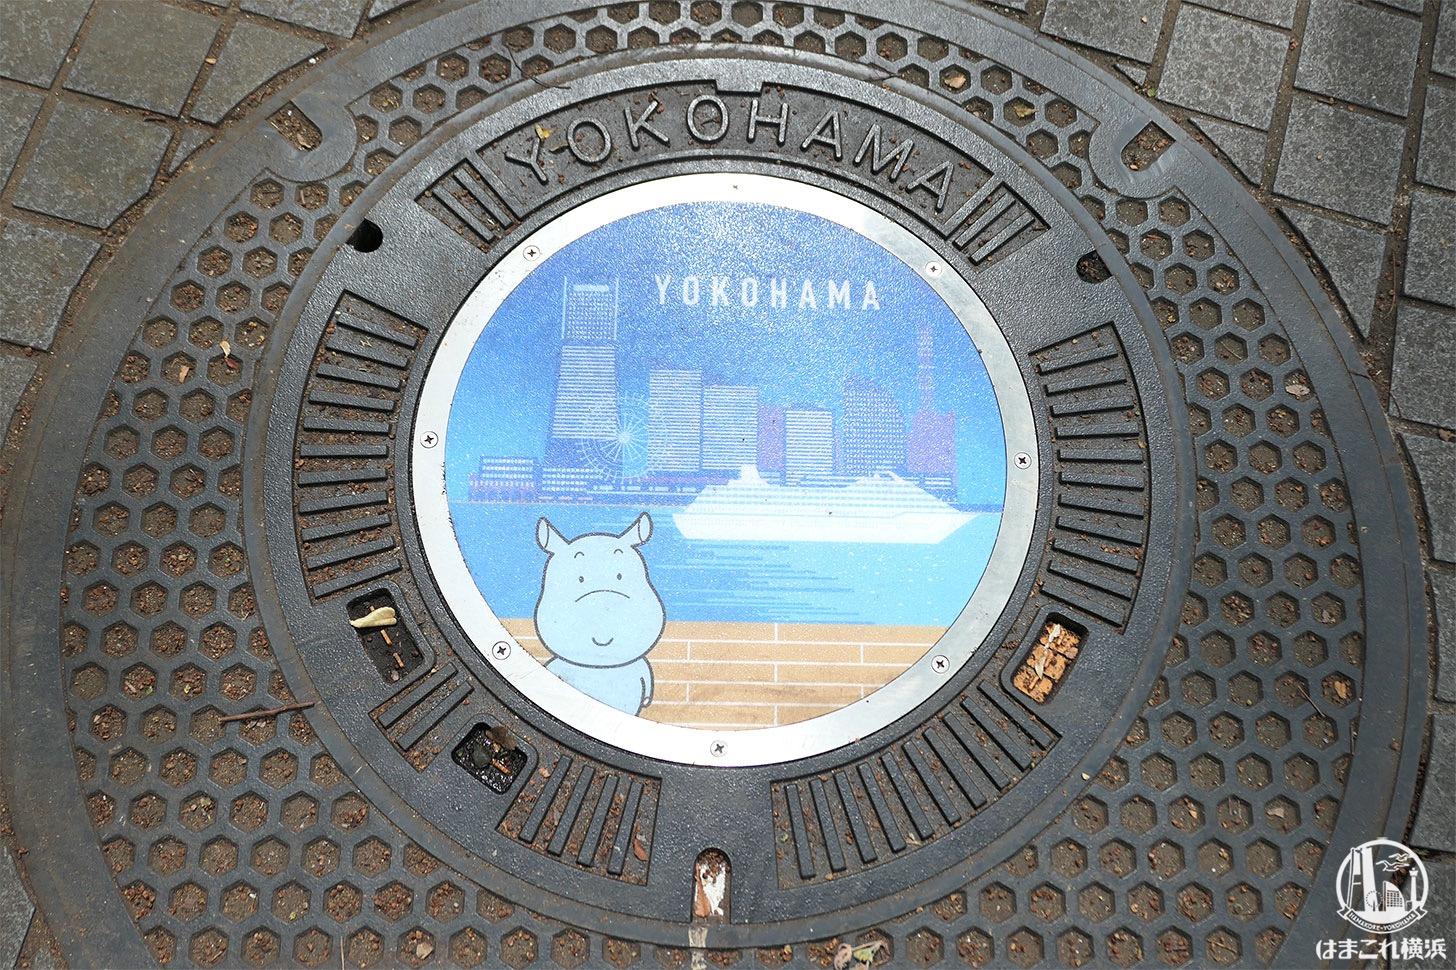 開港広場に設置されている横浜市のデザインマンホール